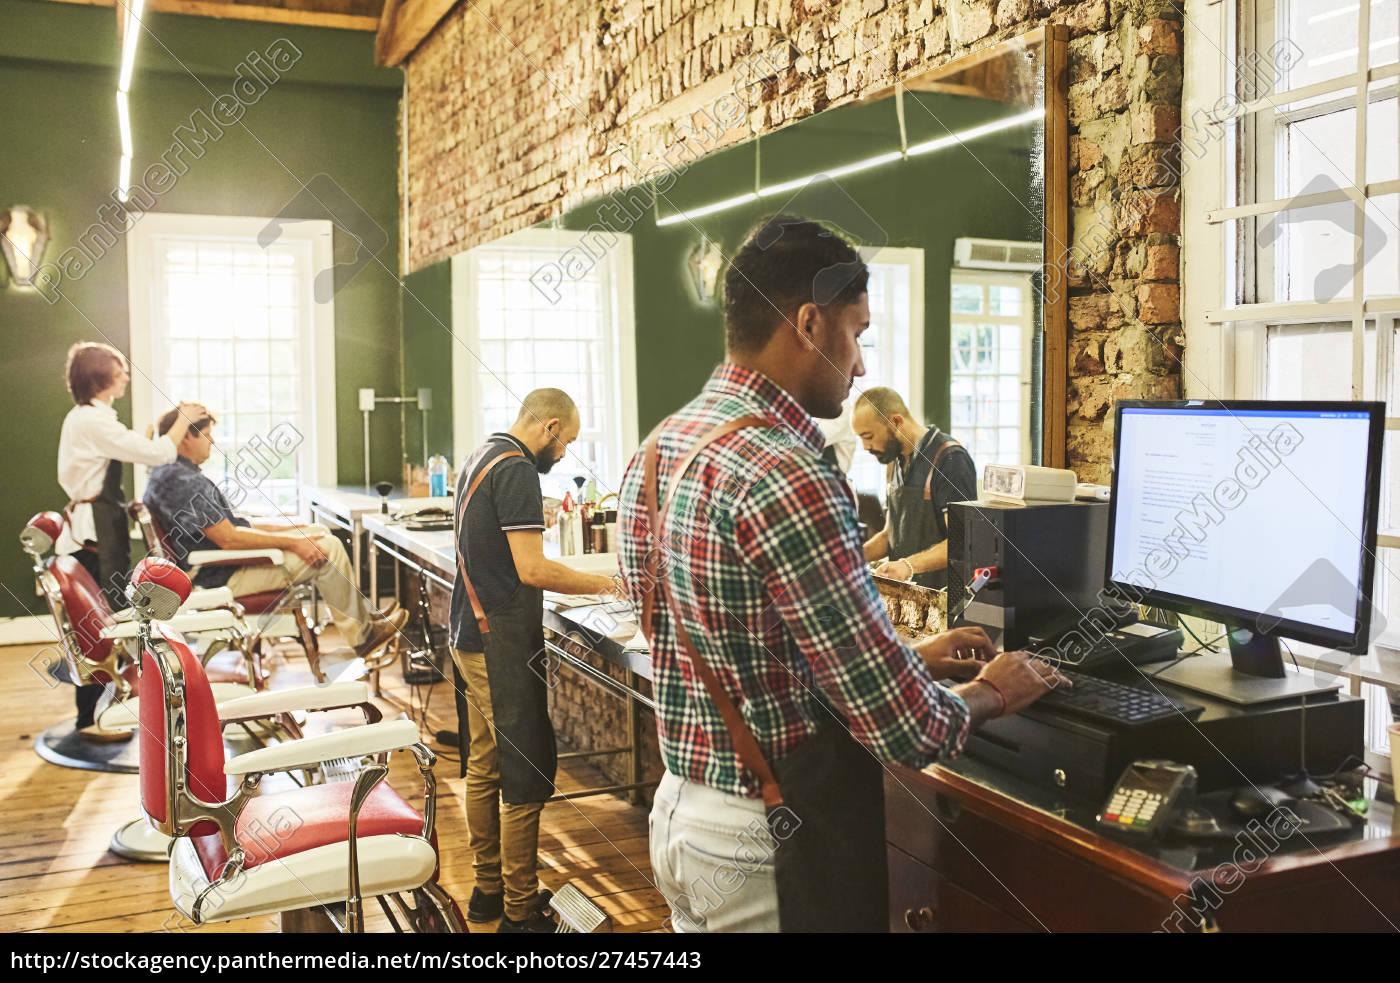 barbeiros, homens, trabalhando, em, barbearia - 27457443